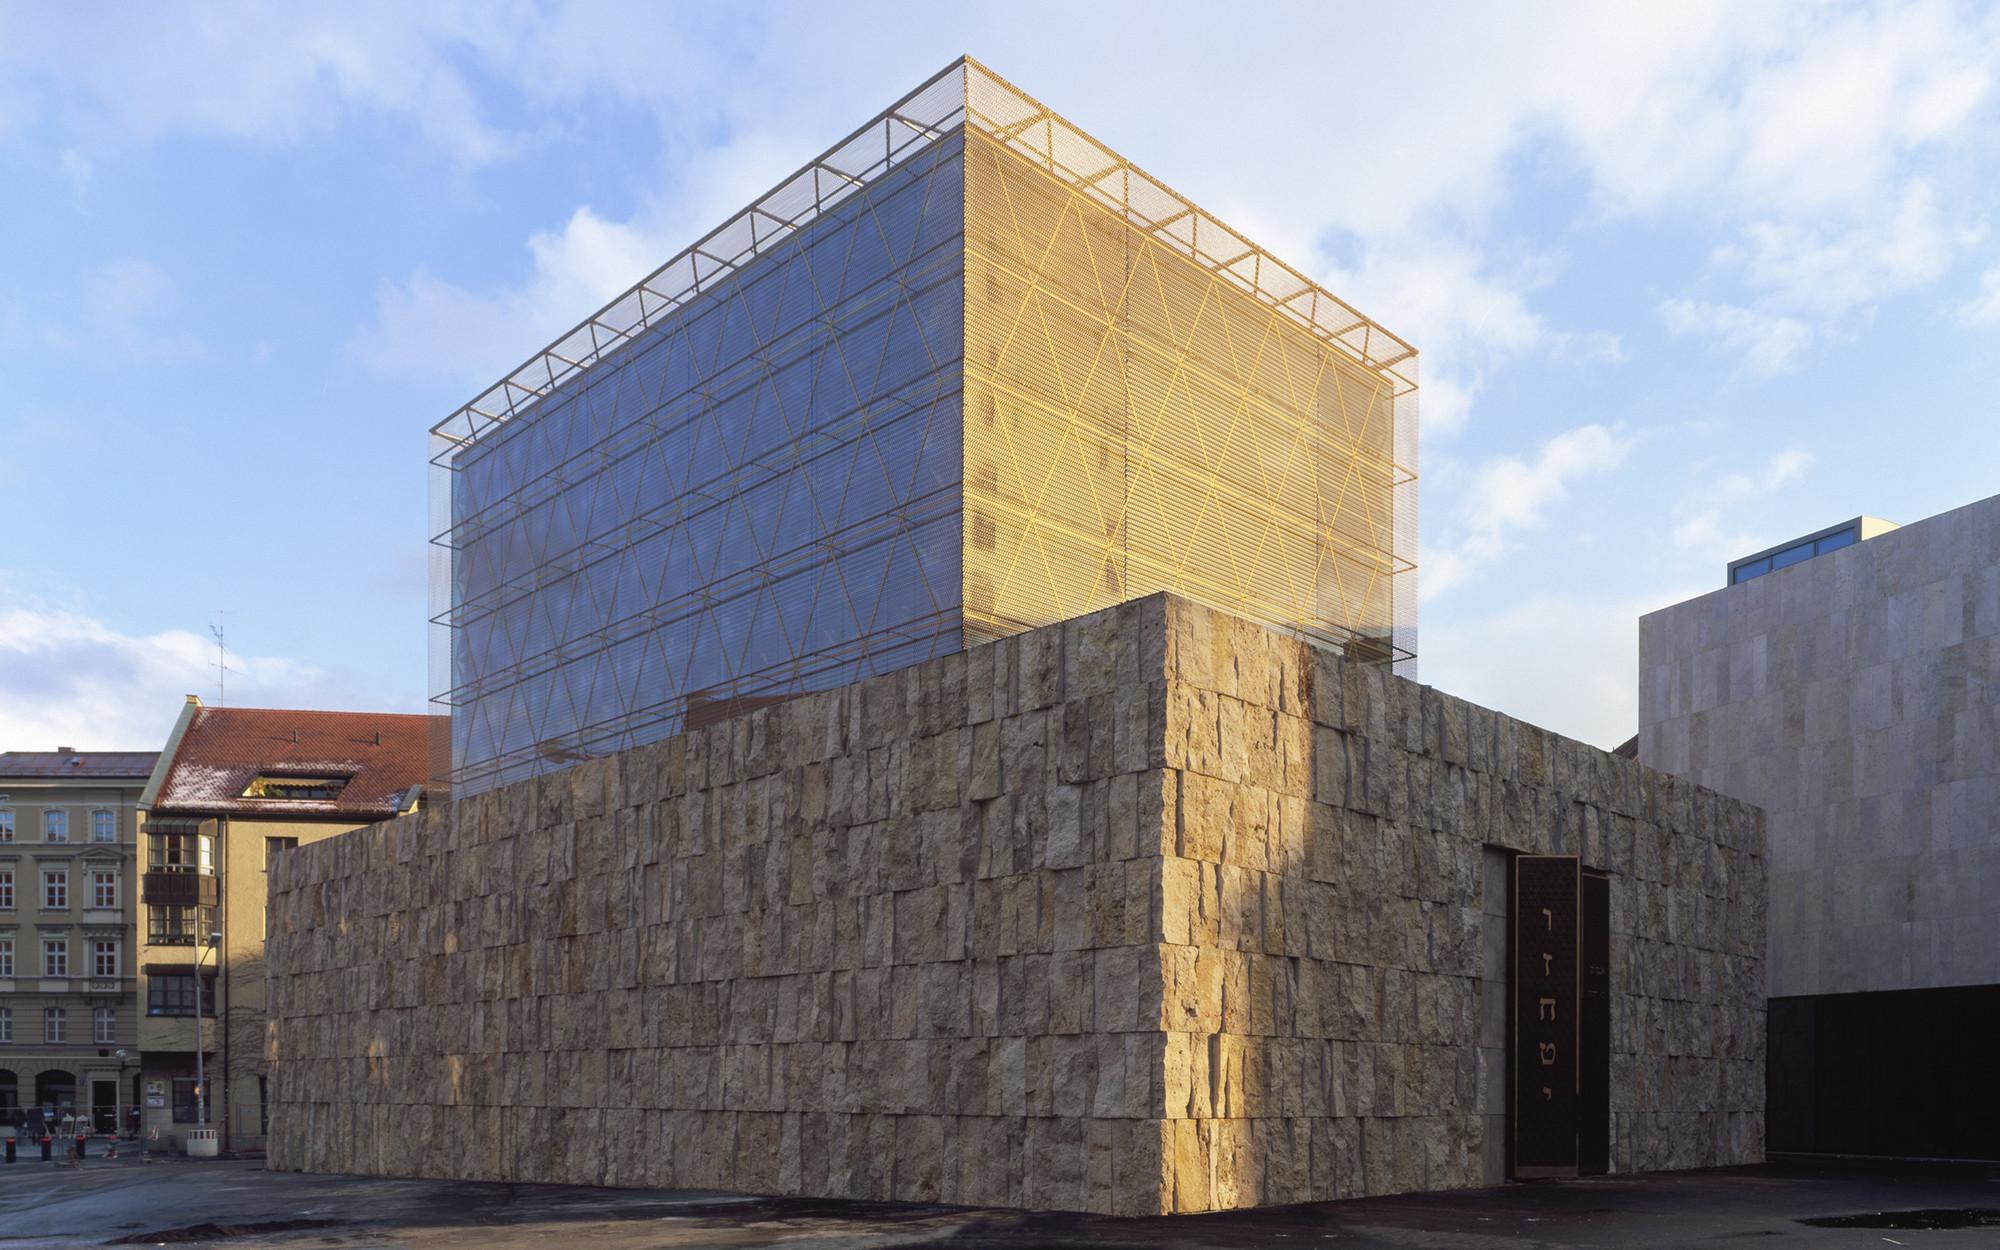 The Jewish Center in Munich / Wandel Hoefer Lorch + Hirsch, © Roland Halbe